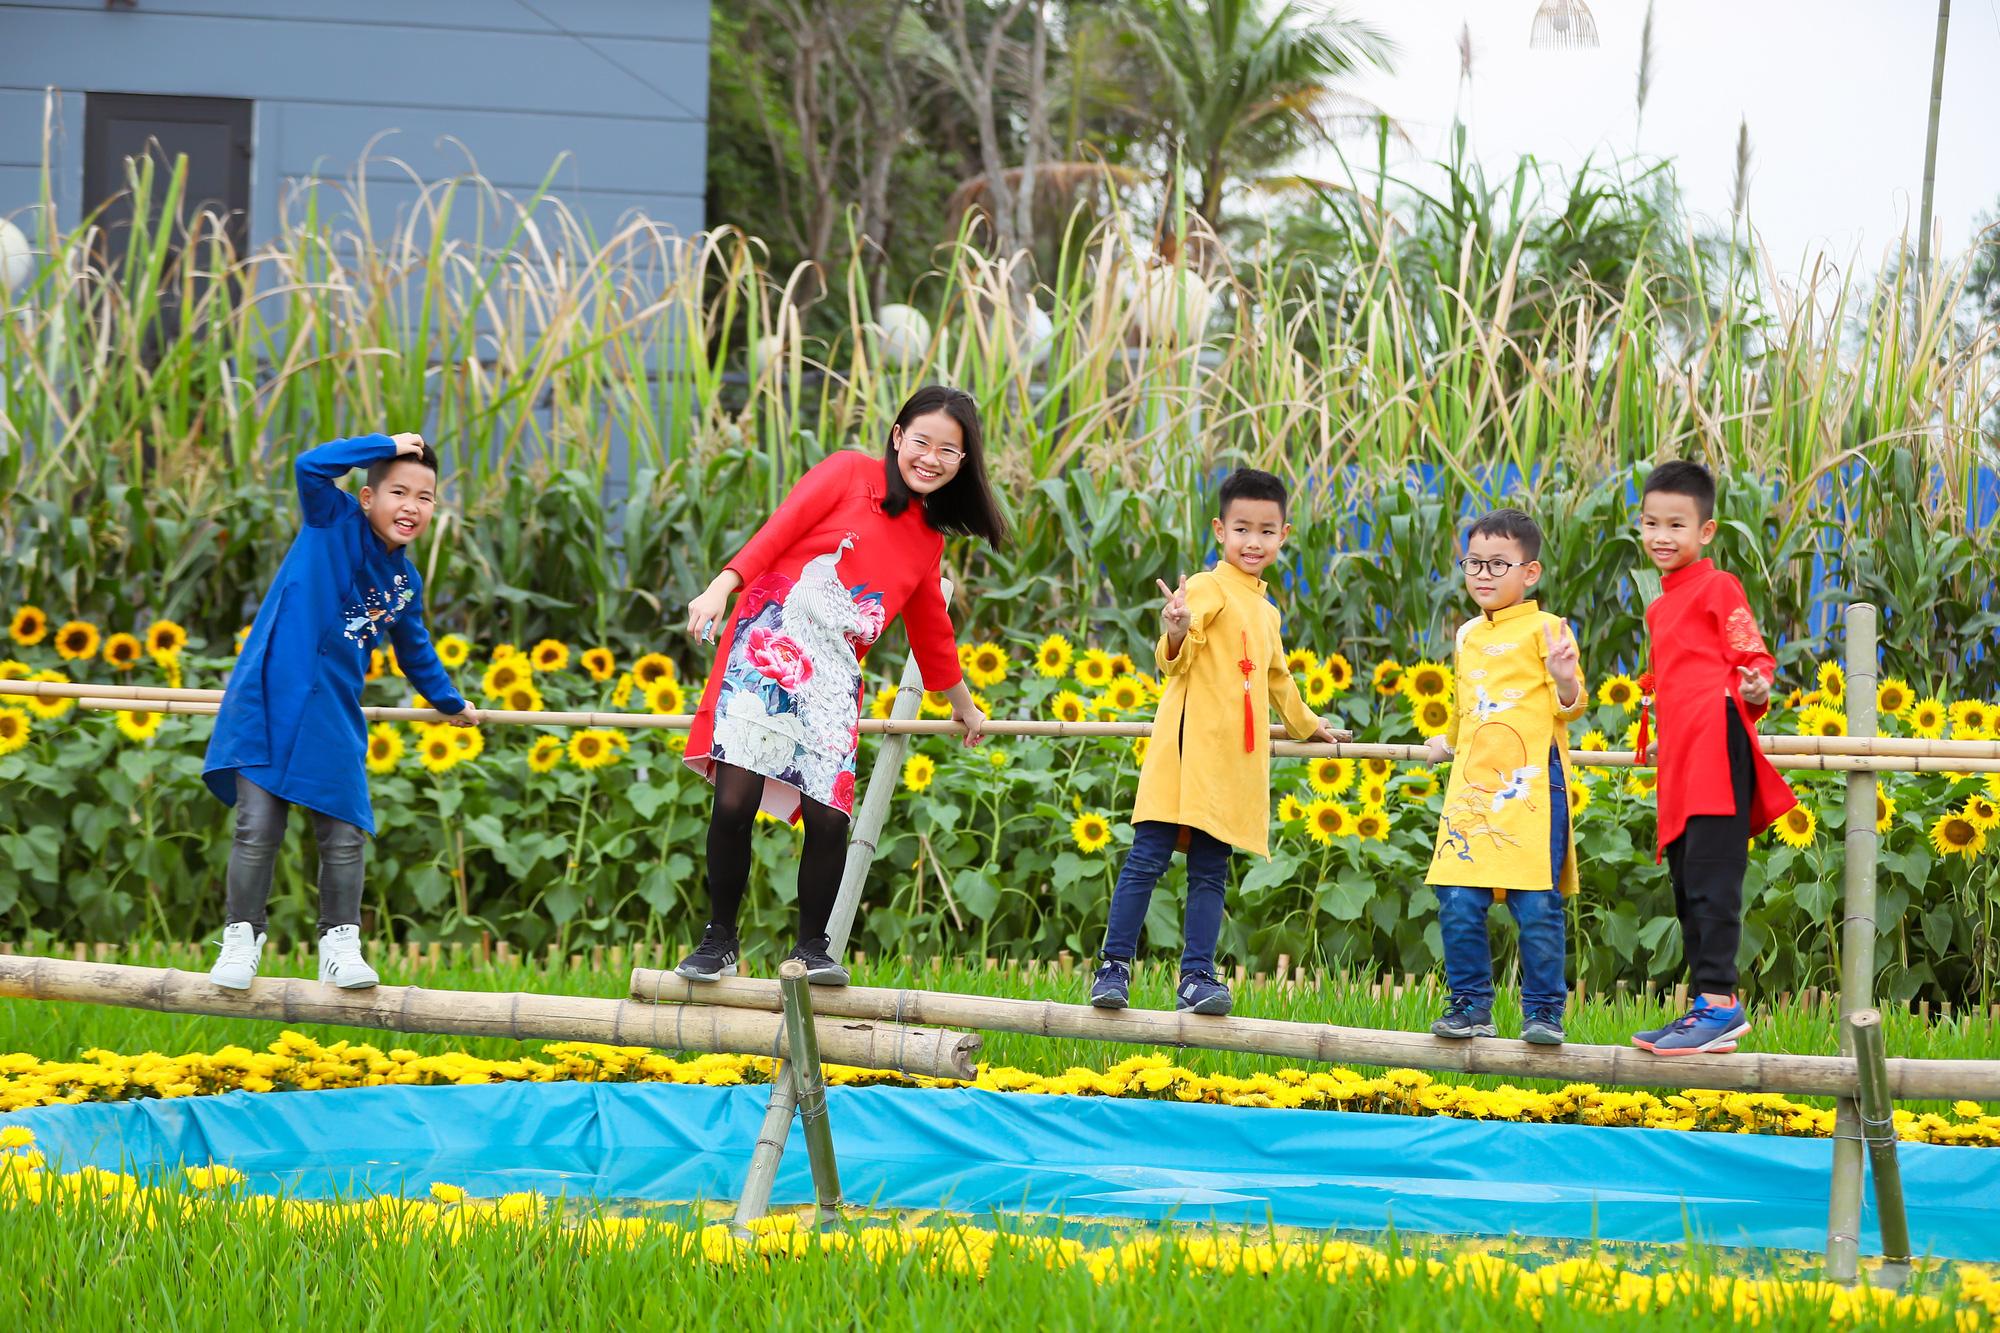 Mở cửa đường hoa Home Hanoi Xuan 2021 - Ảnh 5.